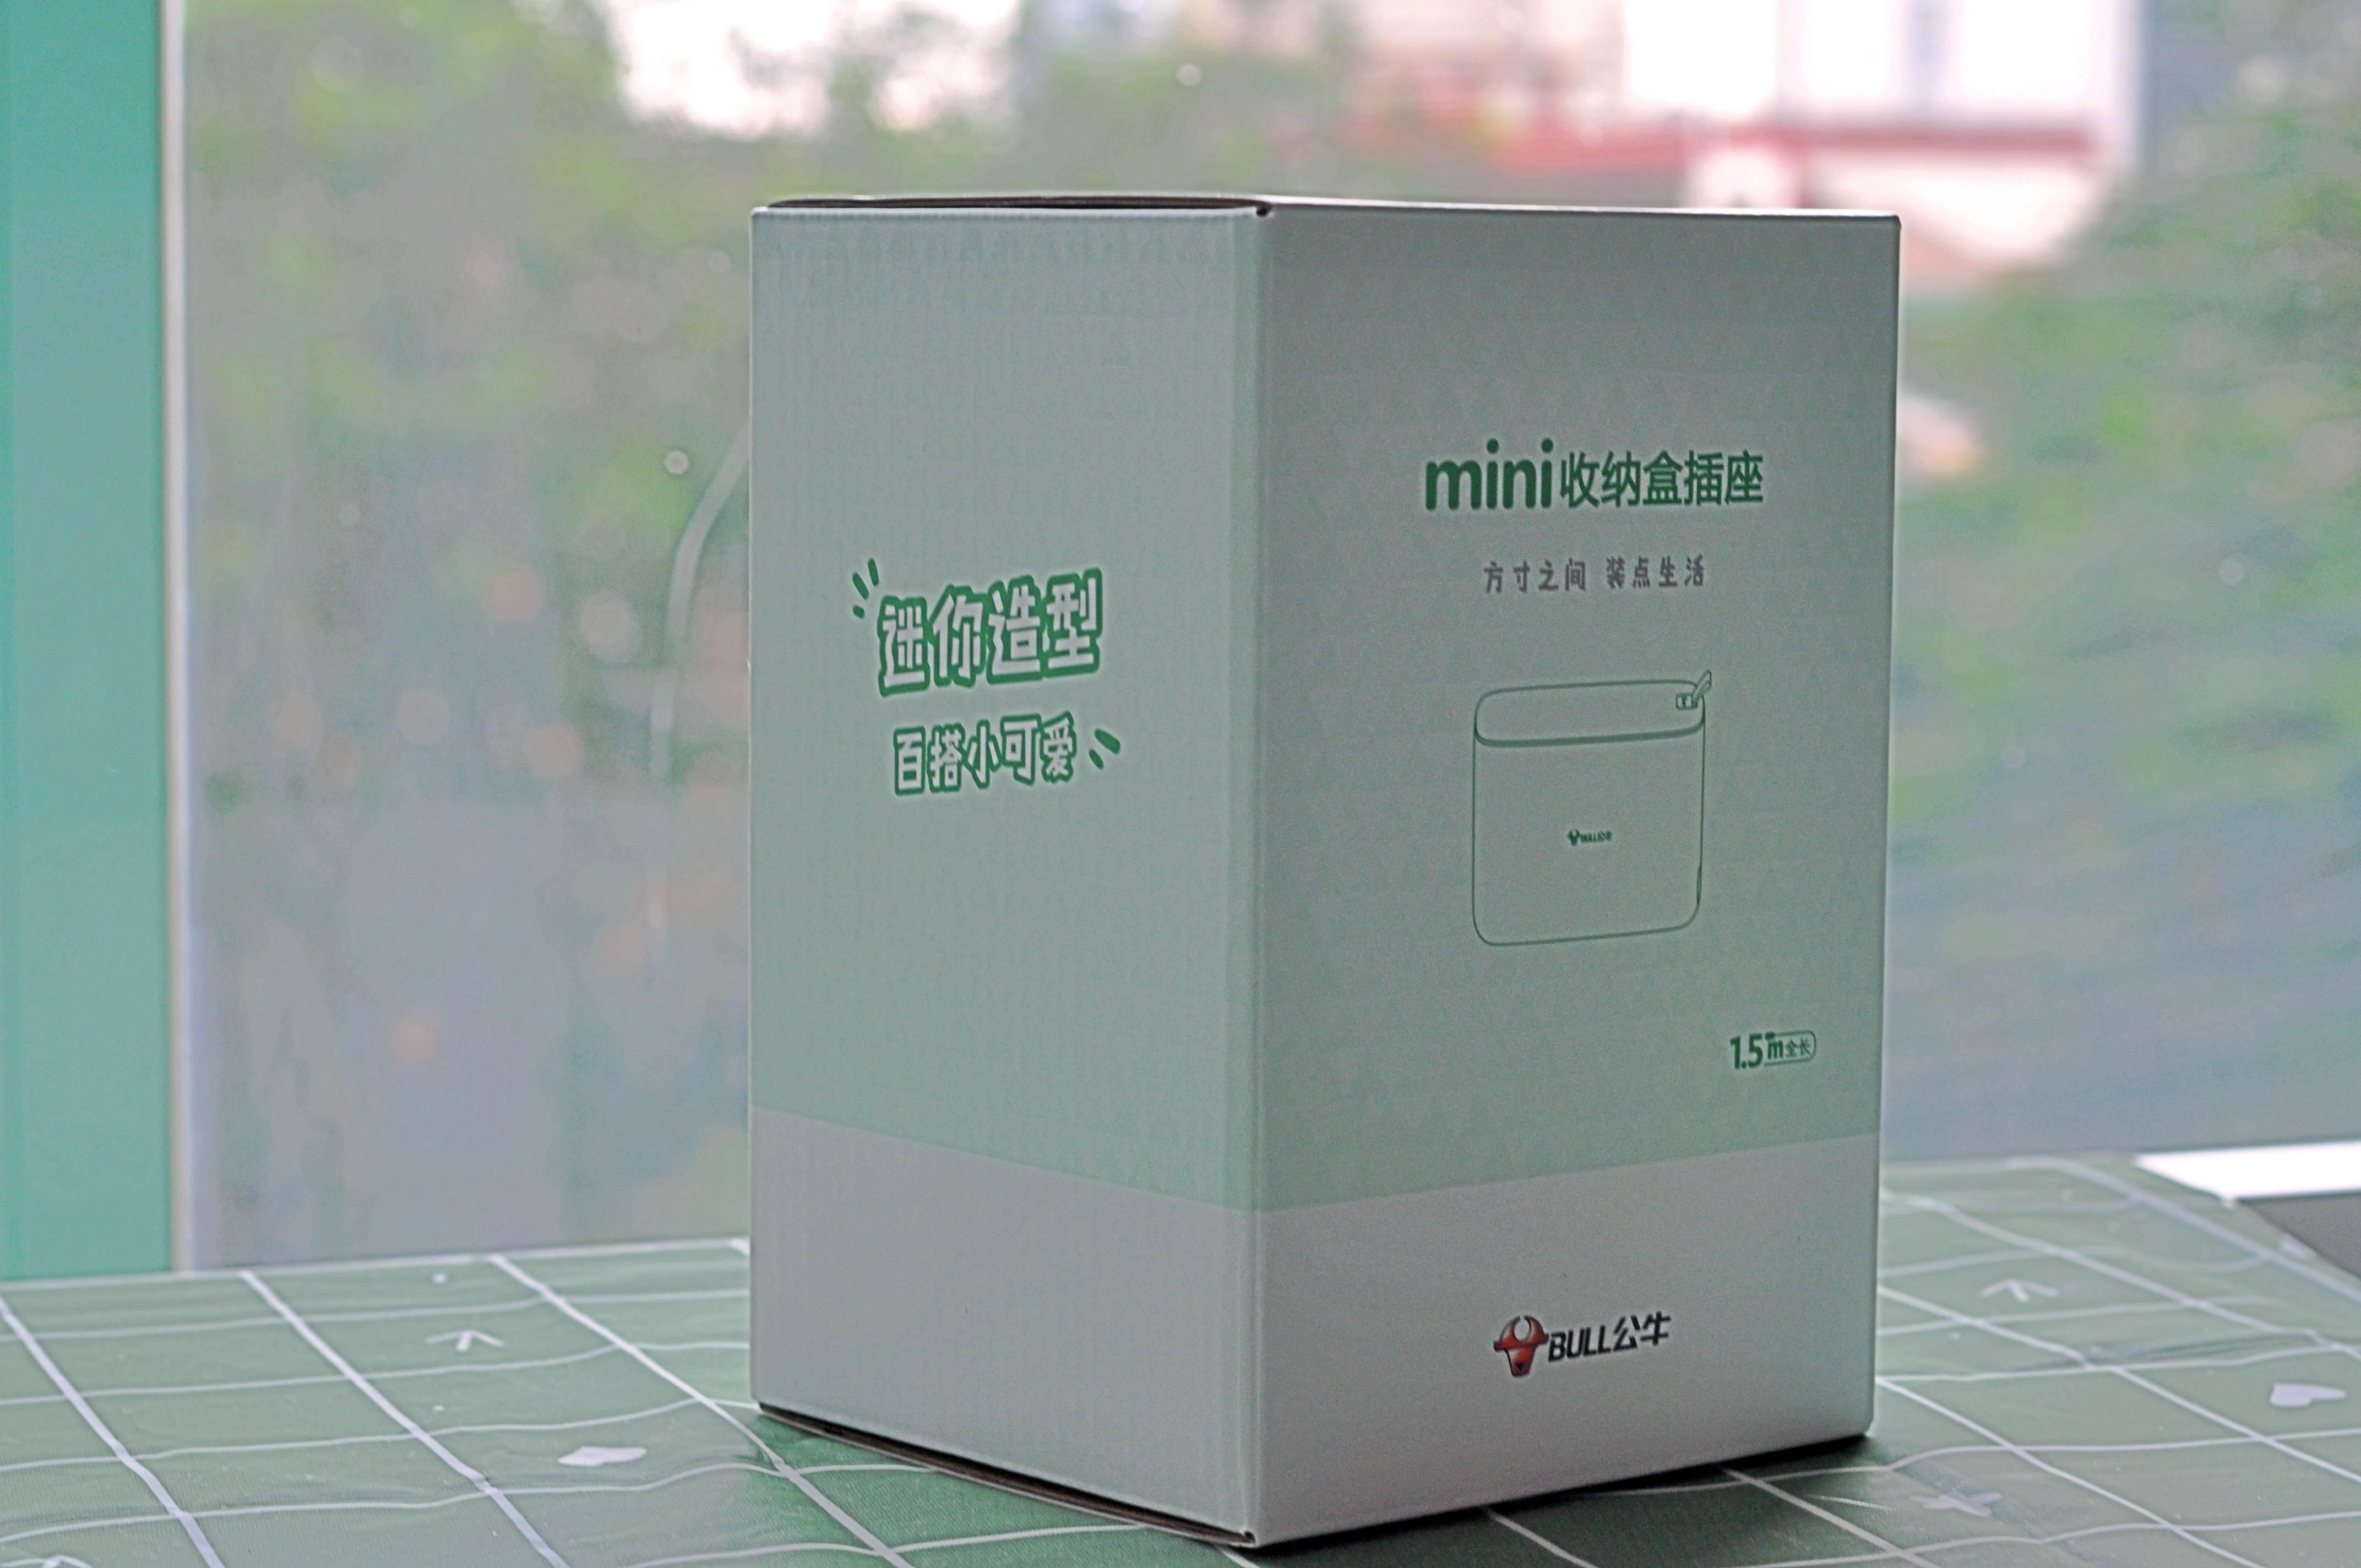 方寸之間,不乏精緻:公牛mini收納盒插座使用體驗